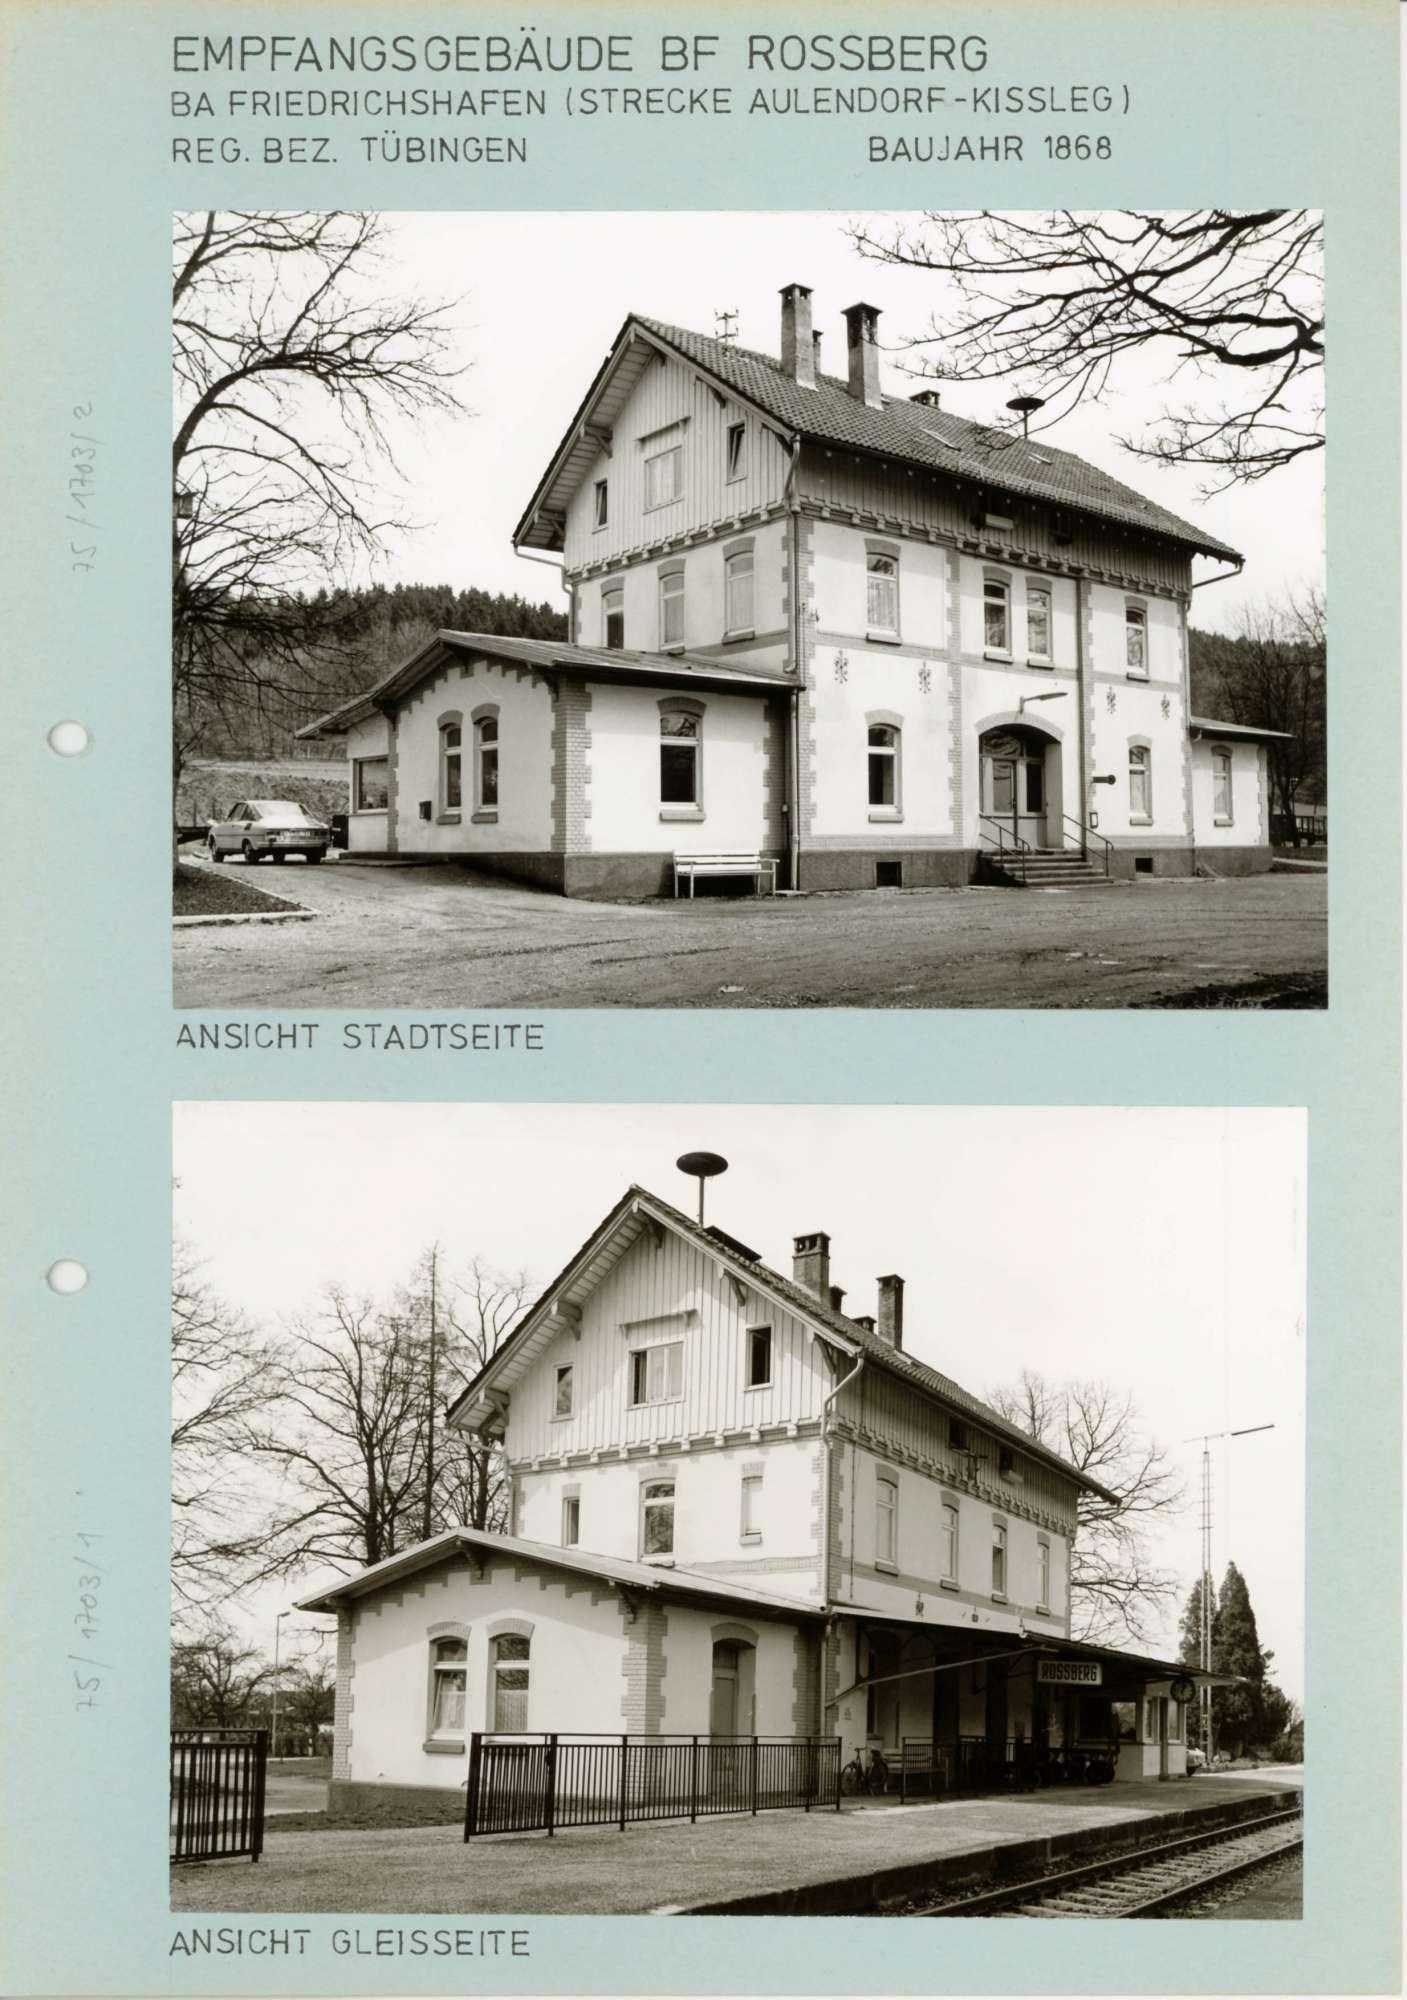 Roßberg: 6 Fotos, Bild 1